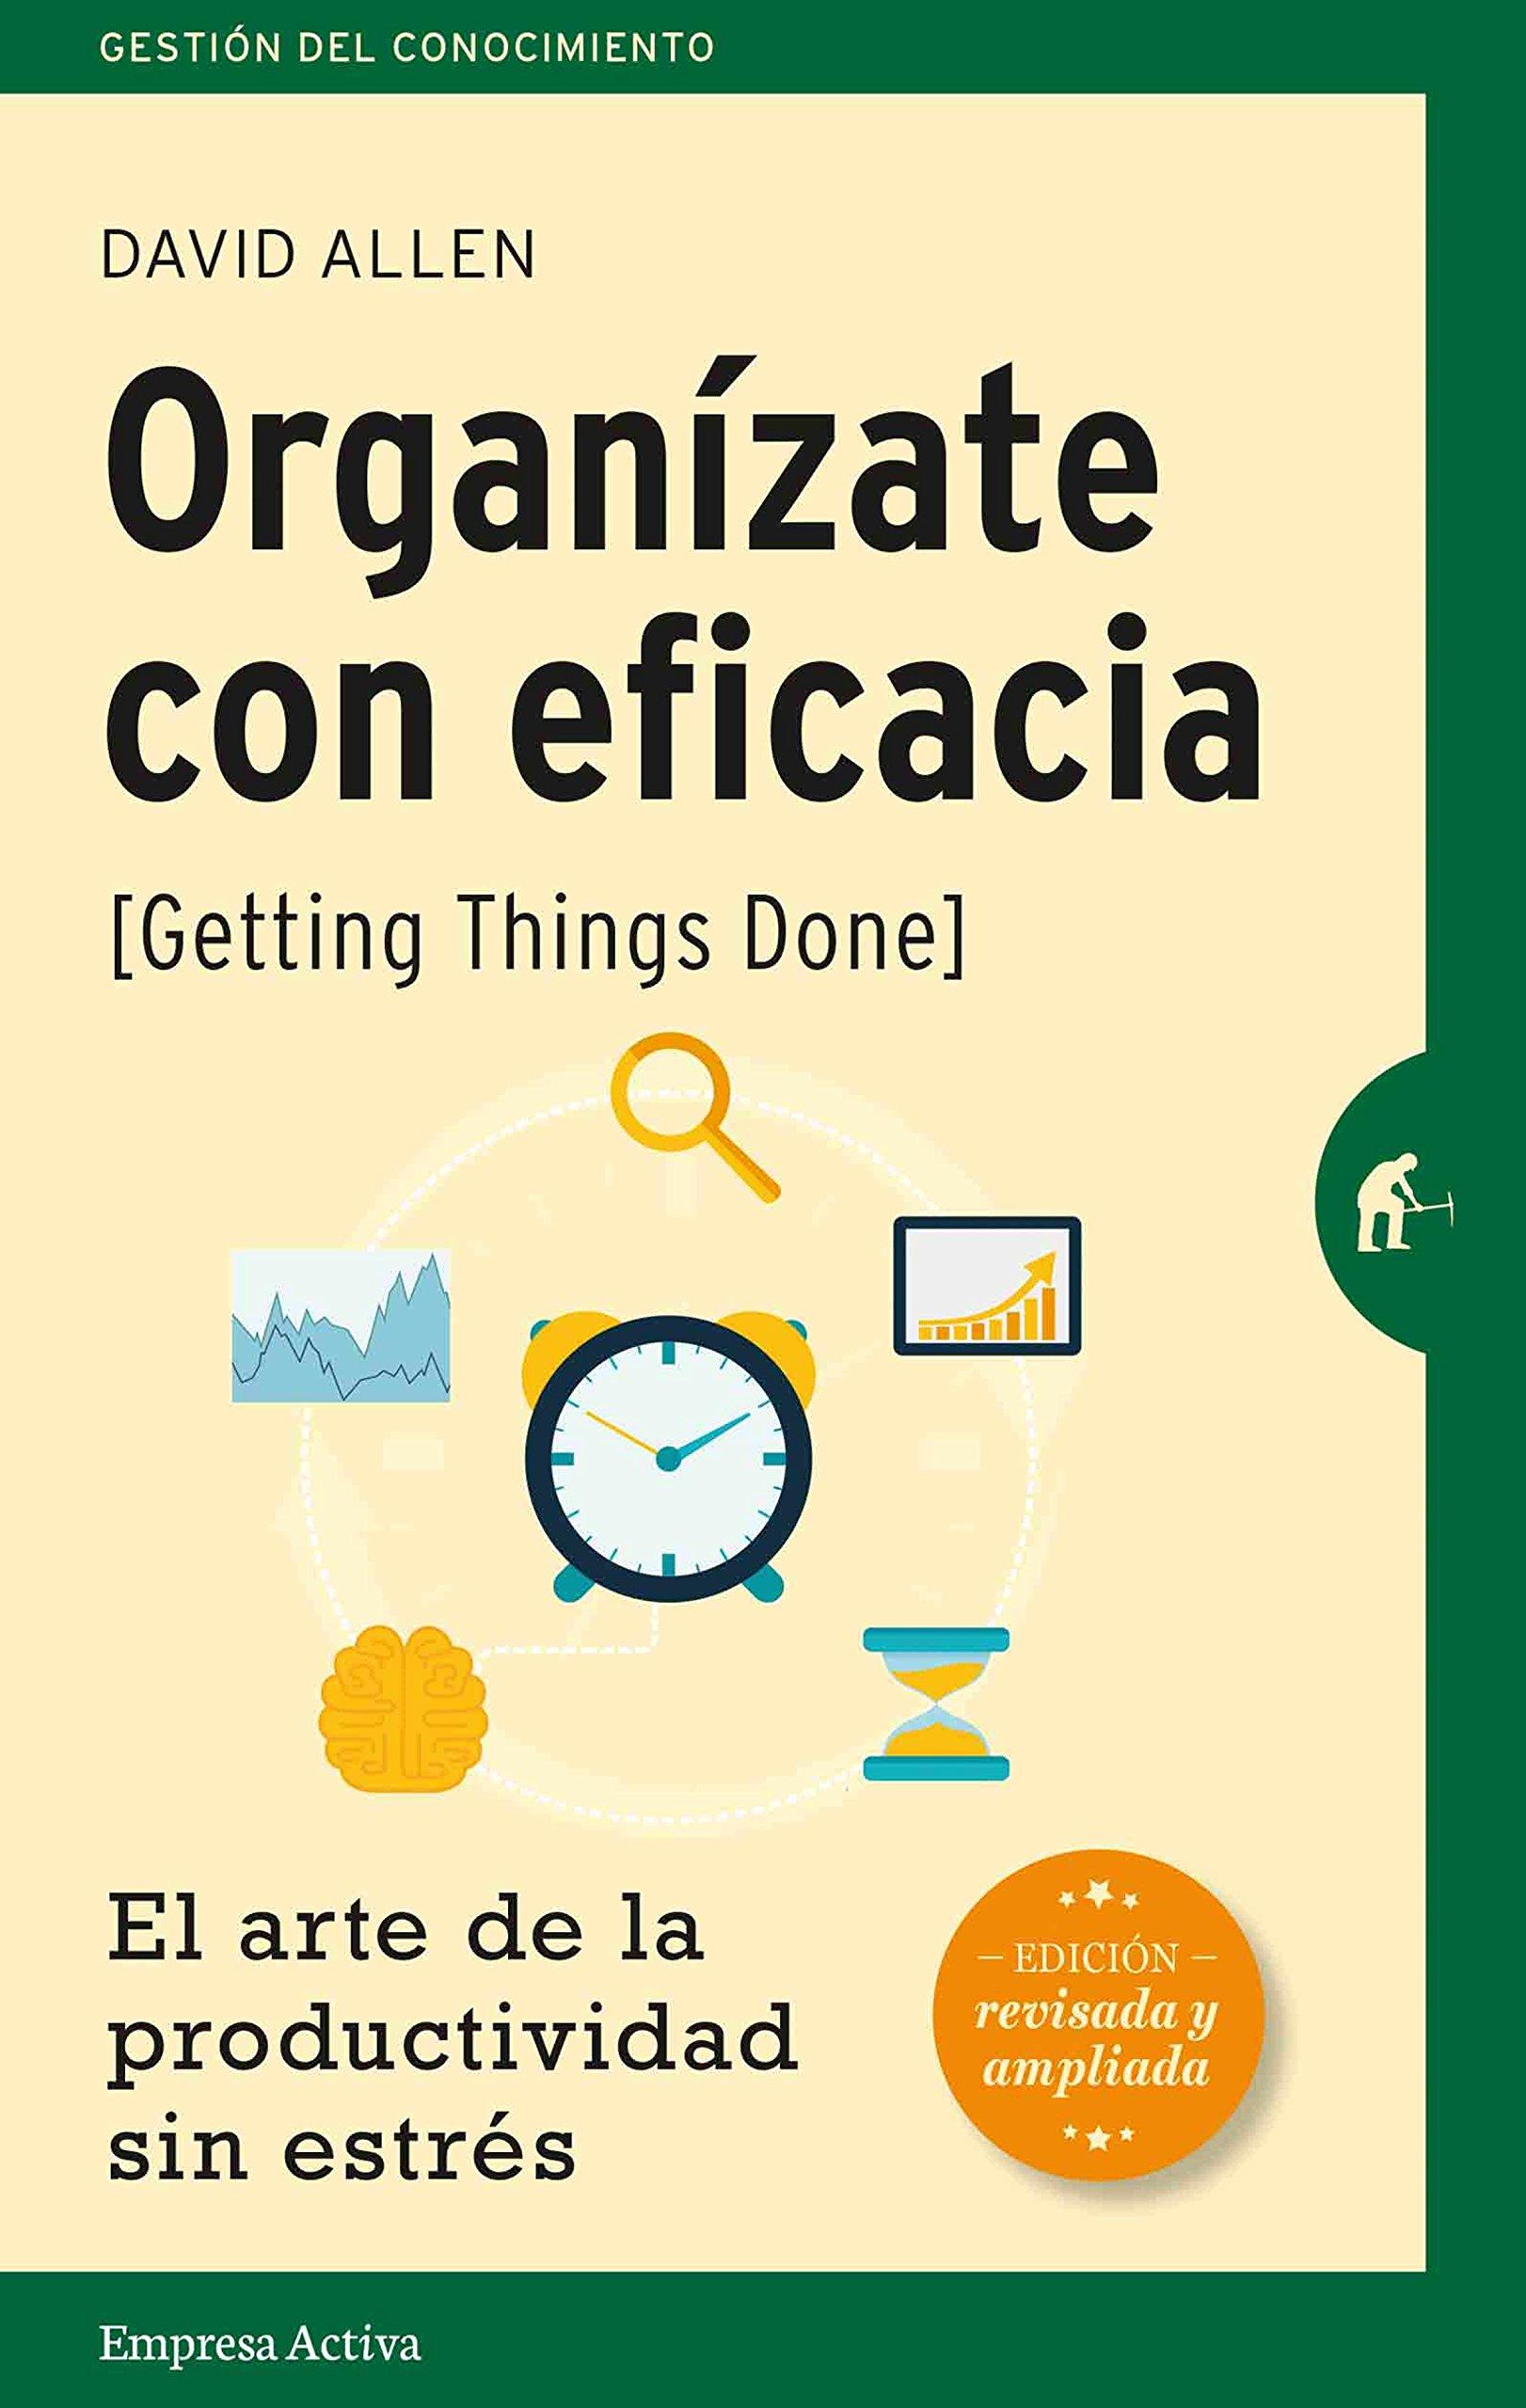 10 Libros sobre Productividad que debes conocer #libros #productividad #organizacion #habitos #emprendedores